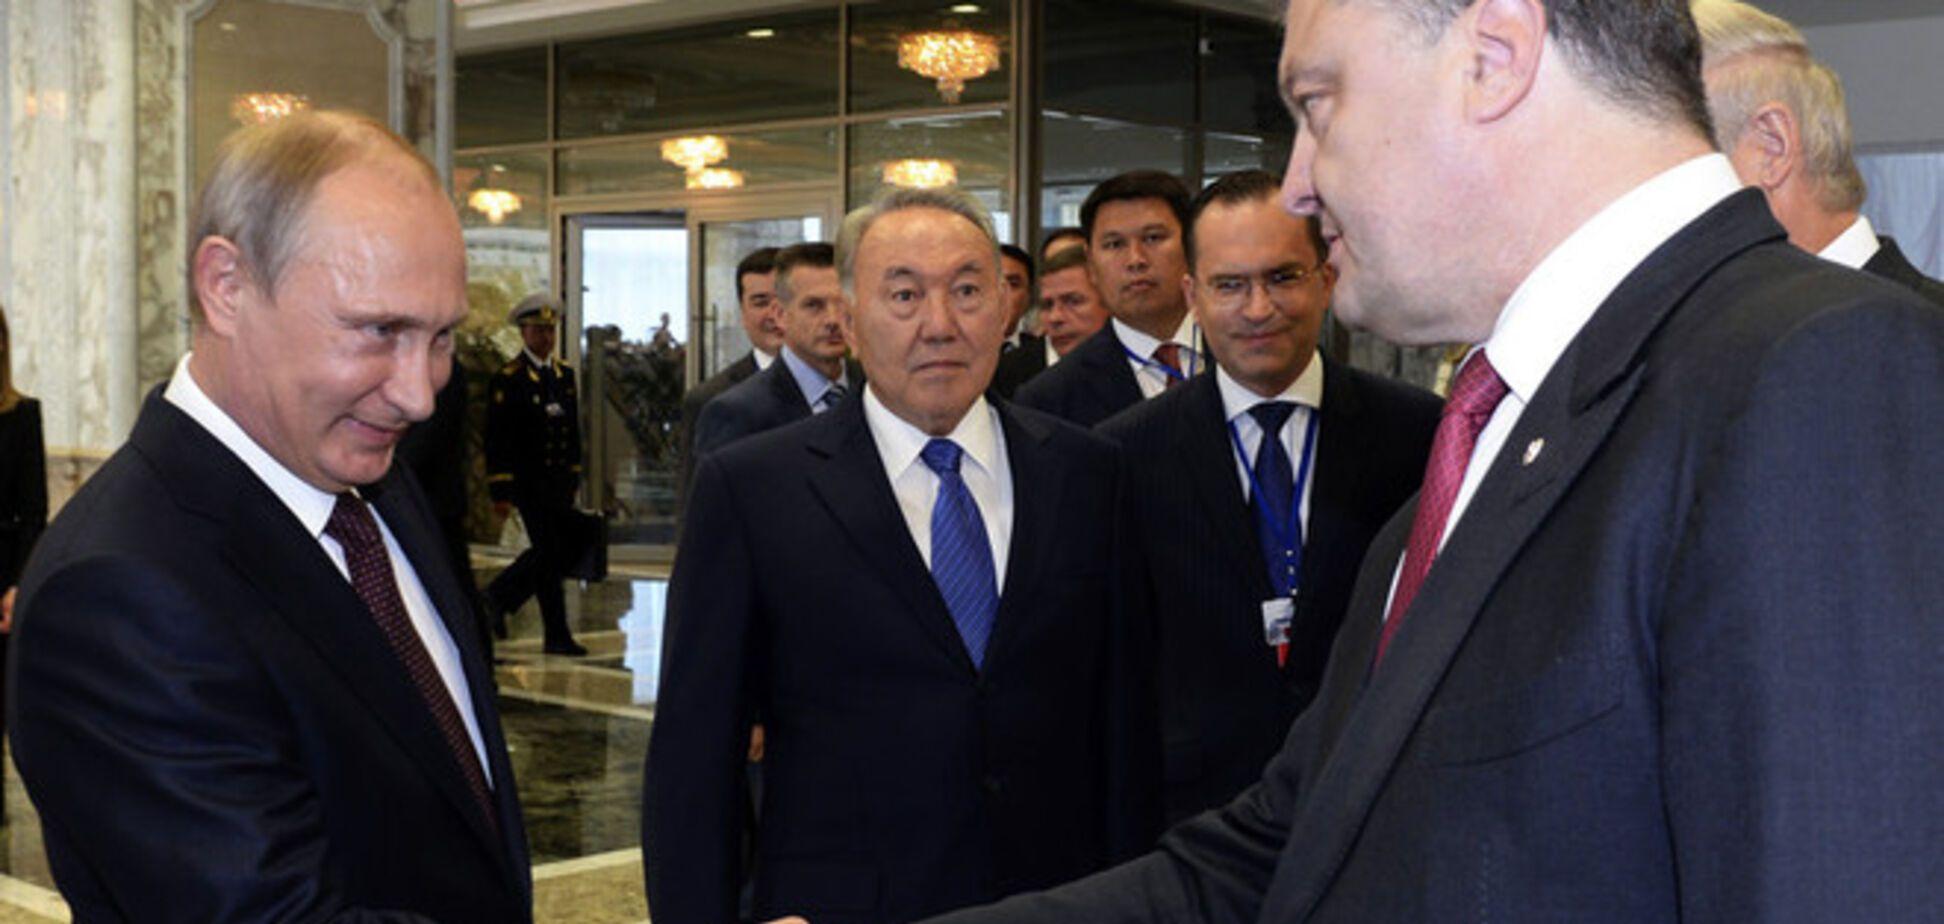 Договоренности о встрече Порошенко с Путиным оказались правдой